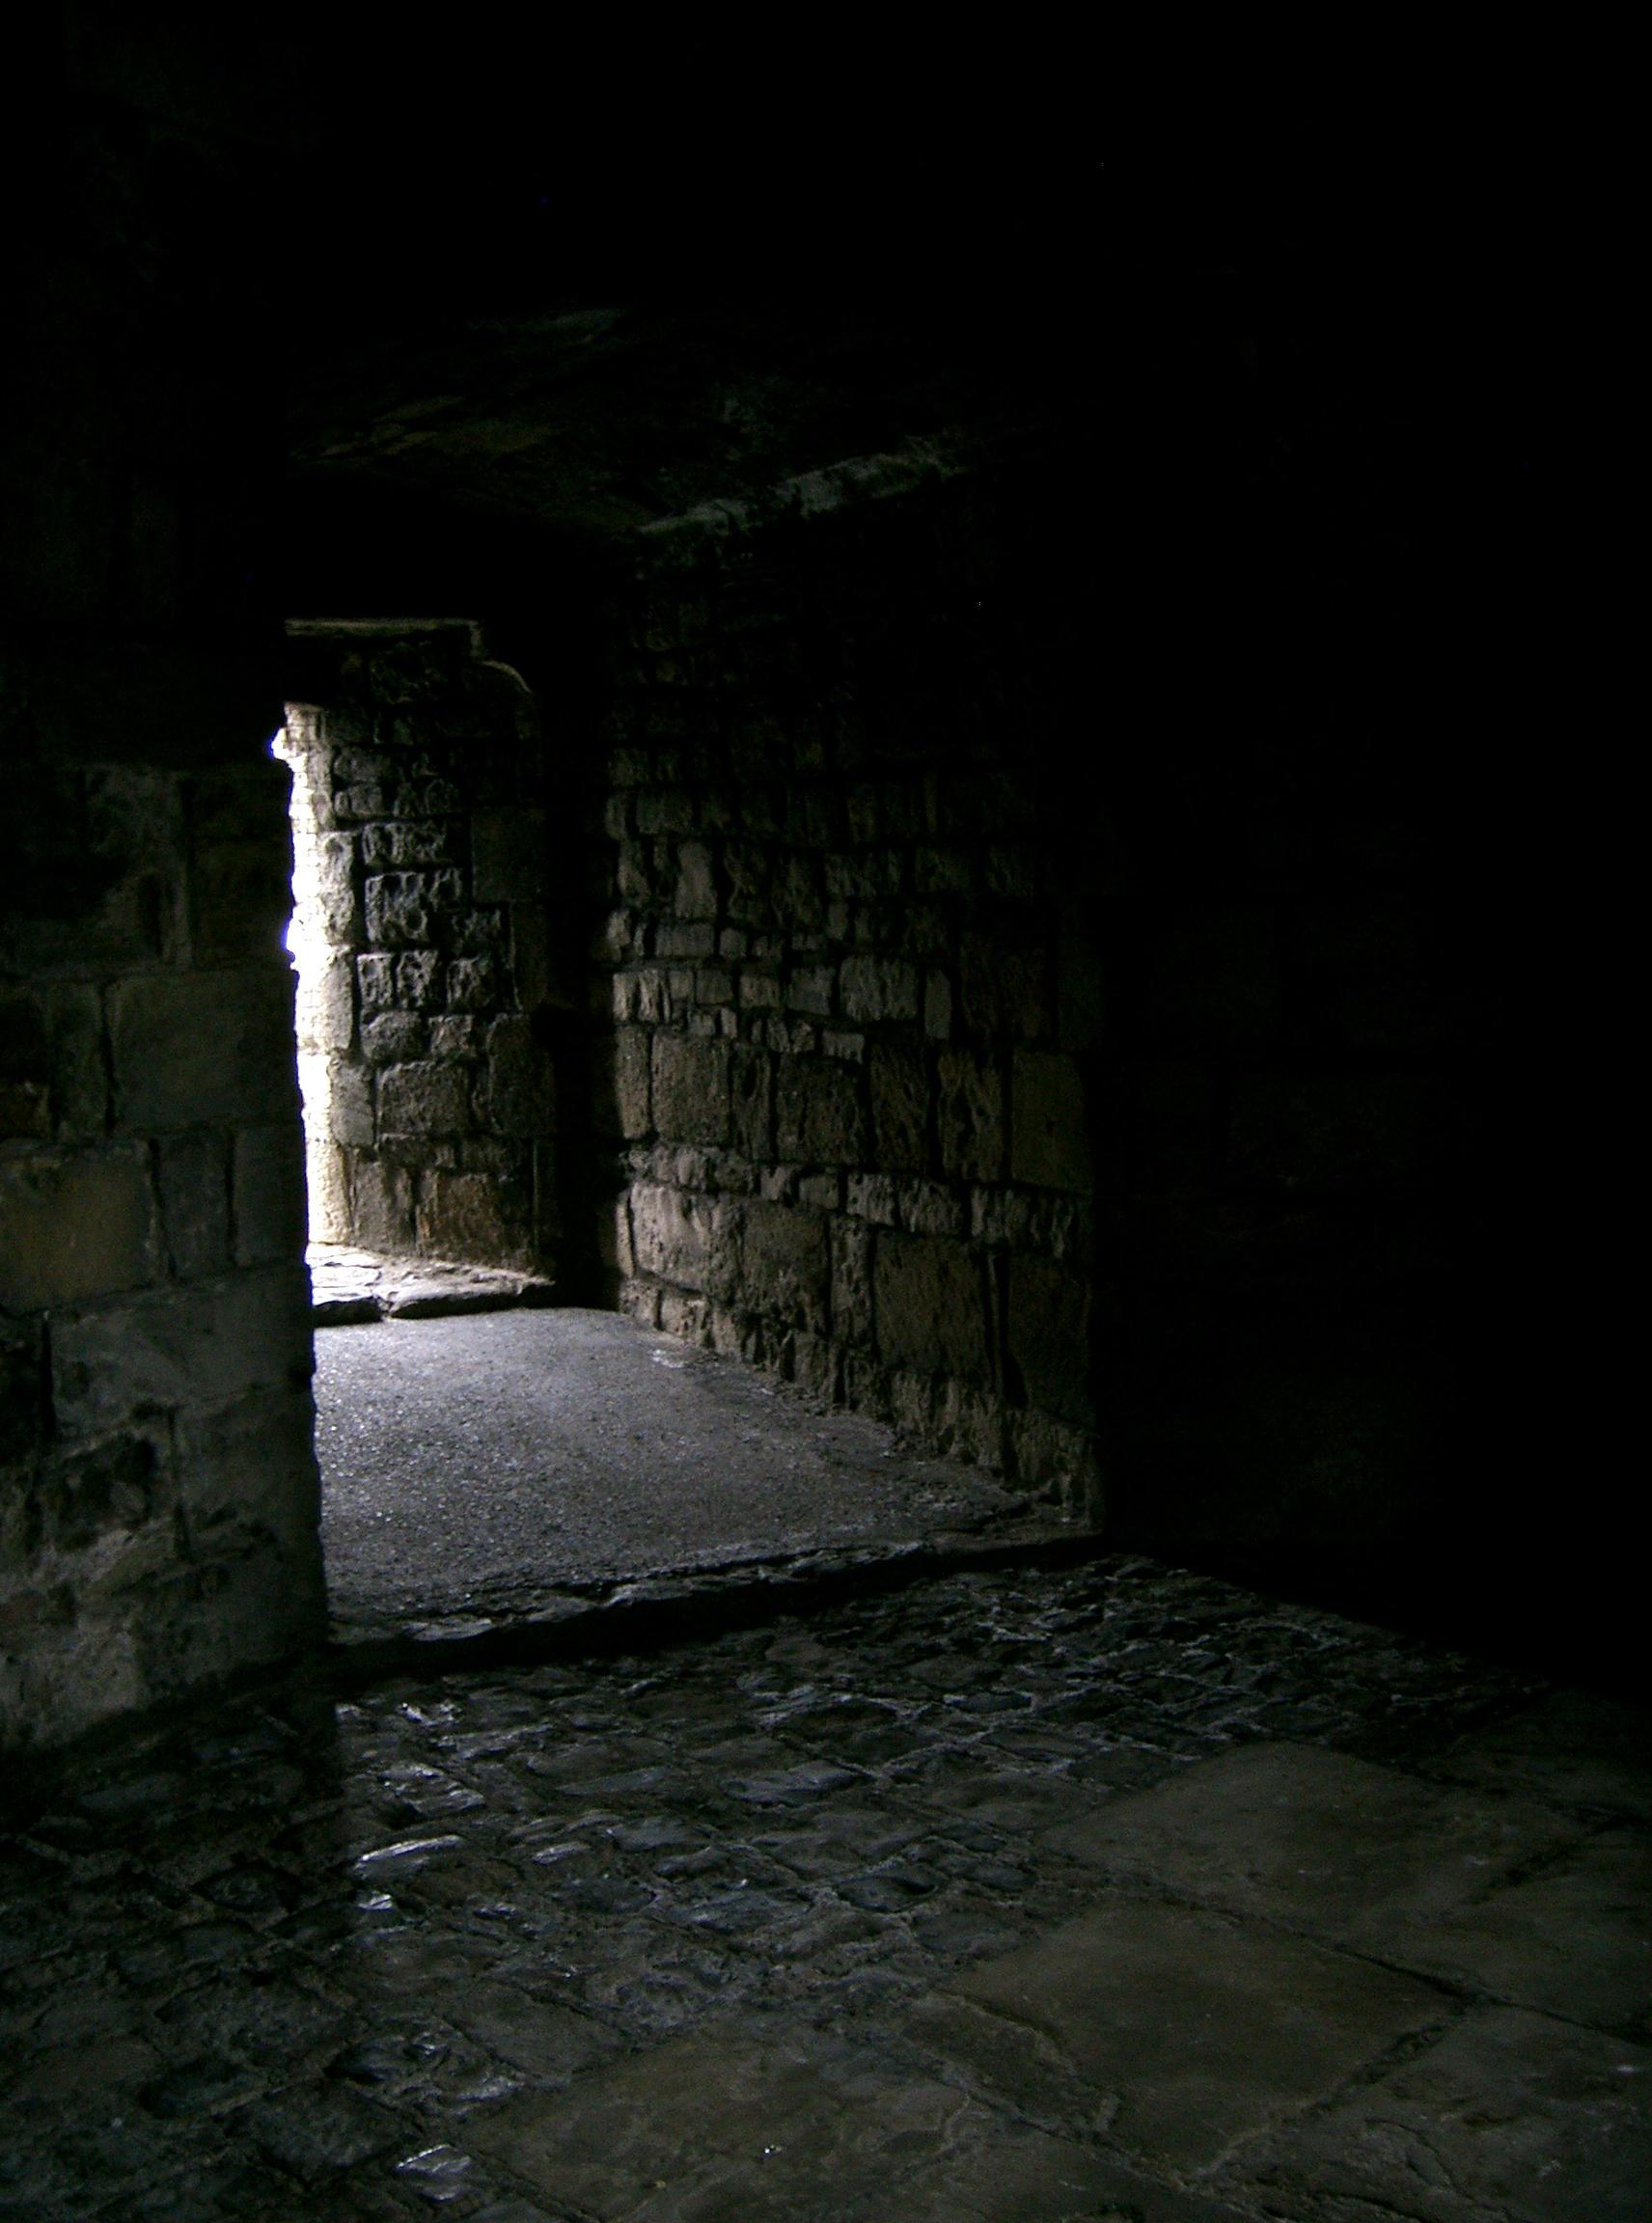 interior 17 by cyborgsuzystock